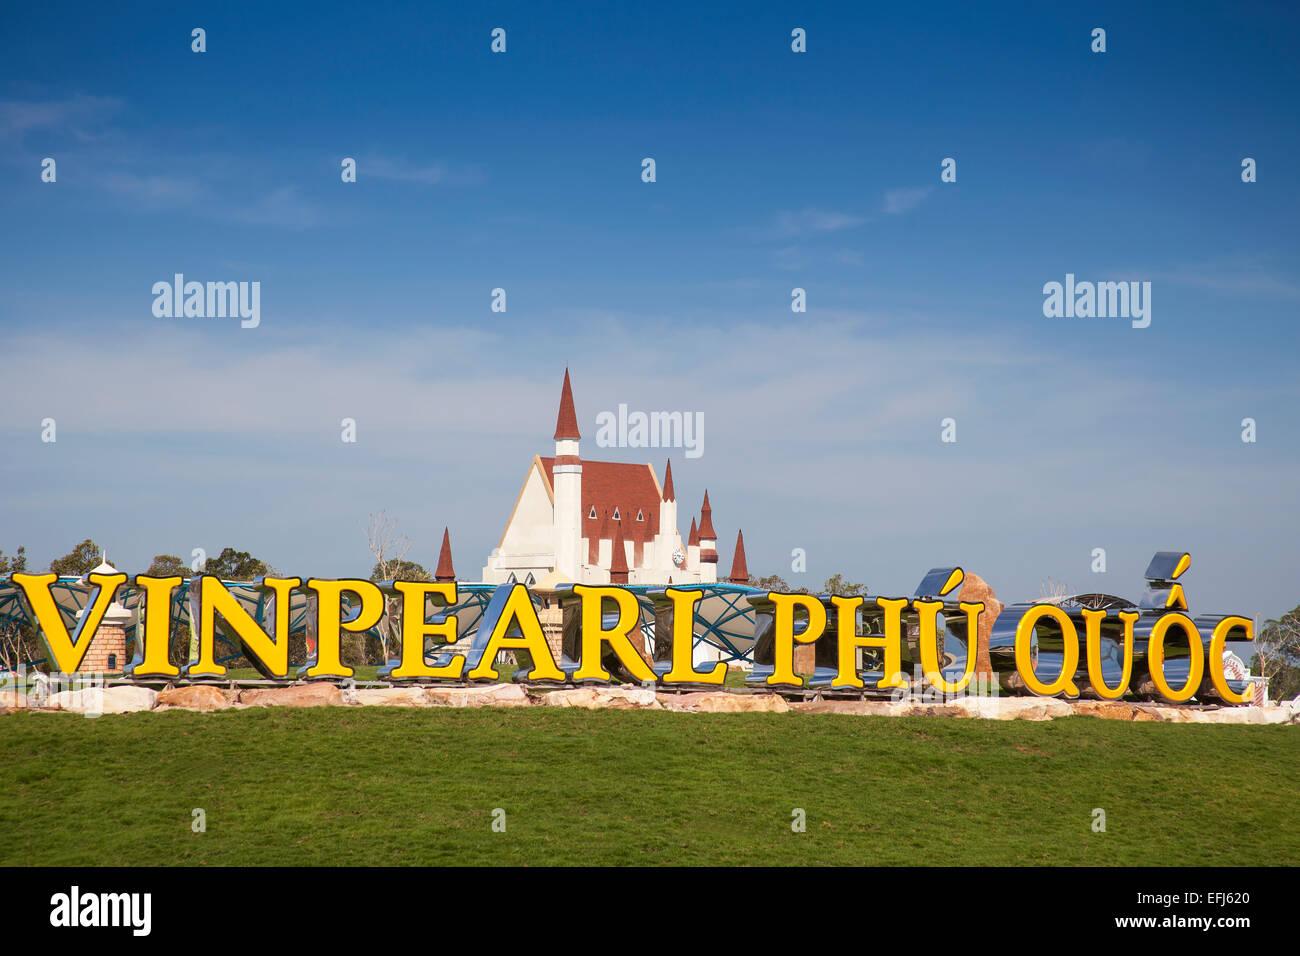 Entrance to the amusement park Vinpearl Phu Quoc, Phu Quoc, Vietnam - Stock Image